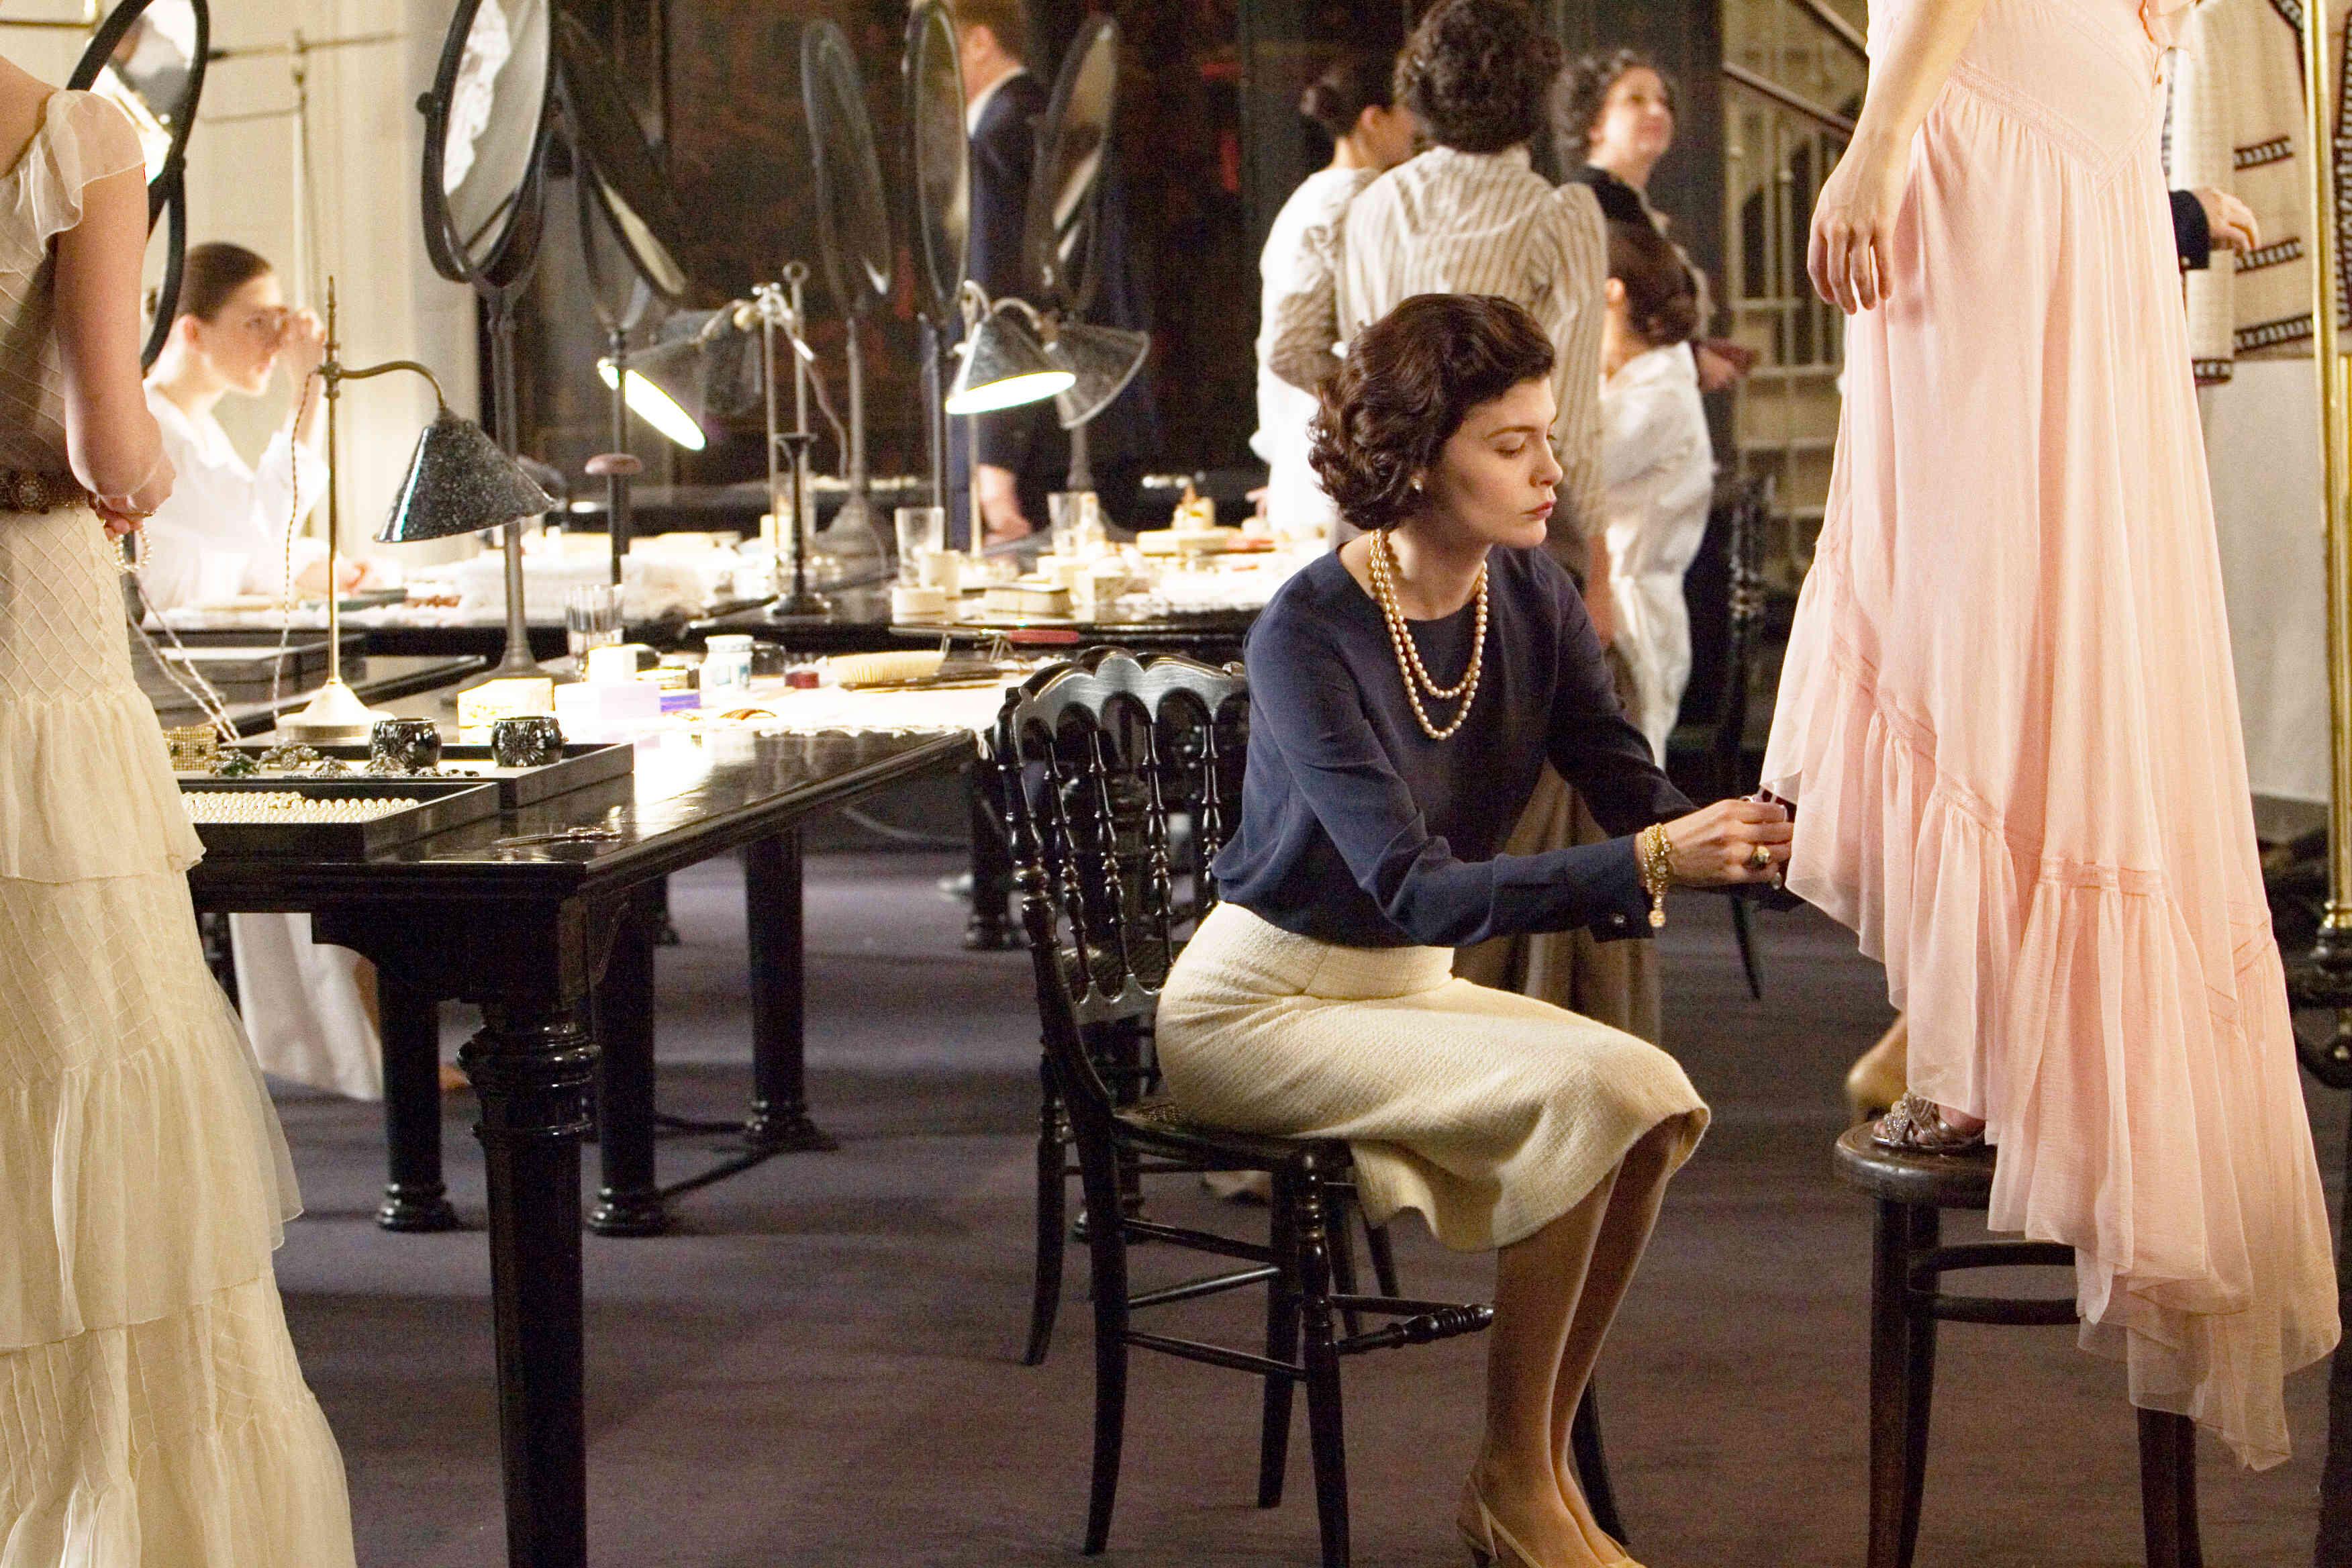 Settimana della moda a Parigi